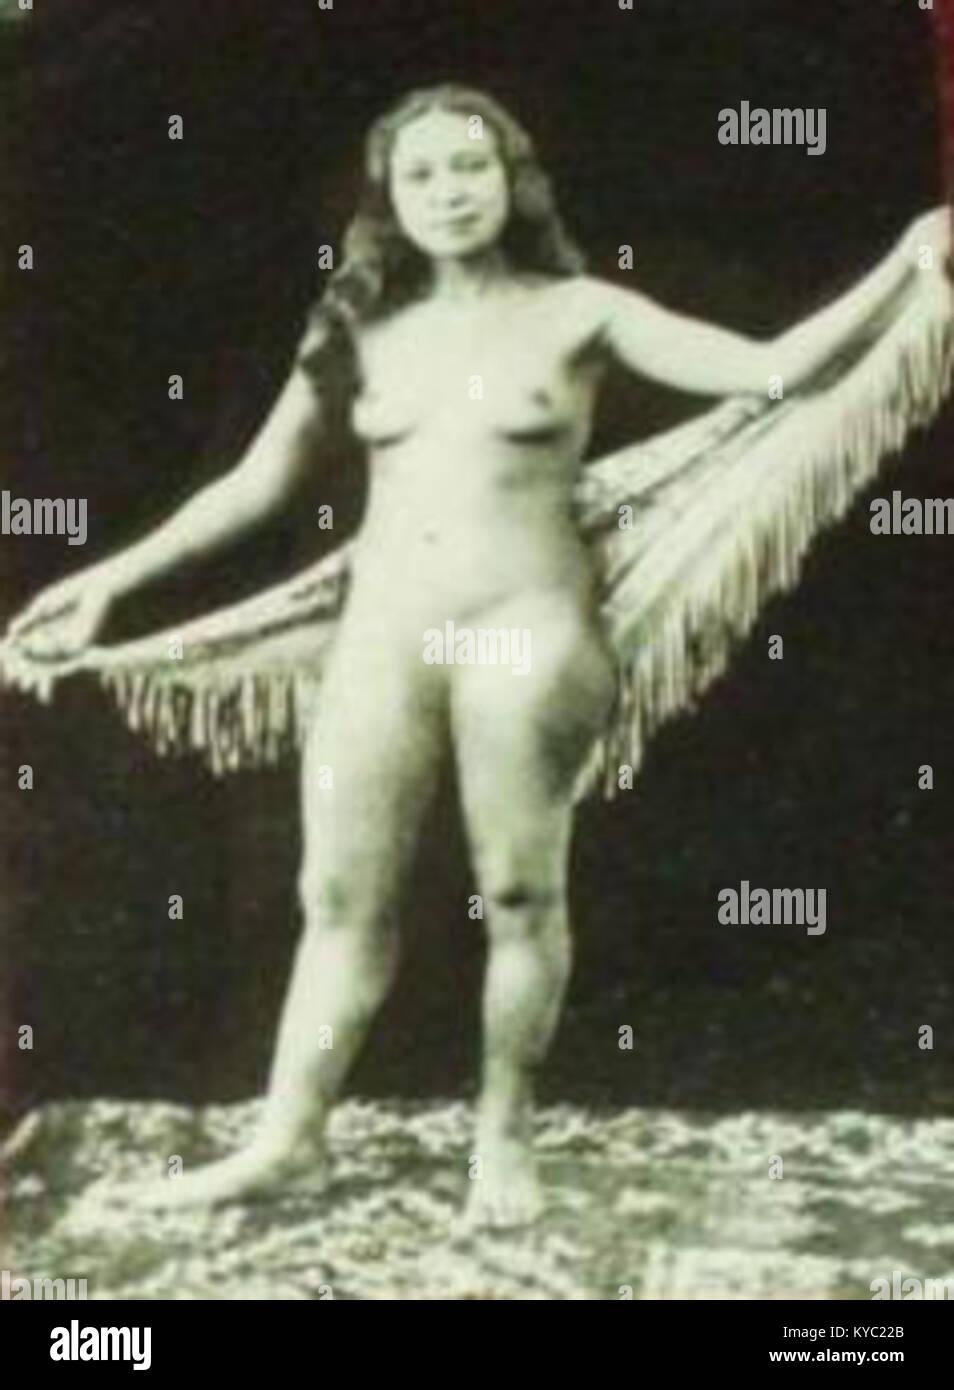 Nu Femme Marocaine Posant Nue Avec Chale Annees 30 Stock Photo Alamy